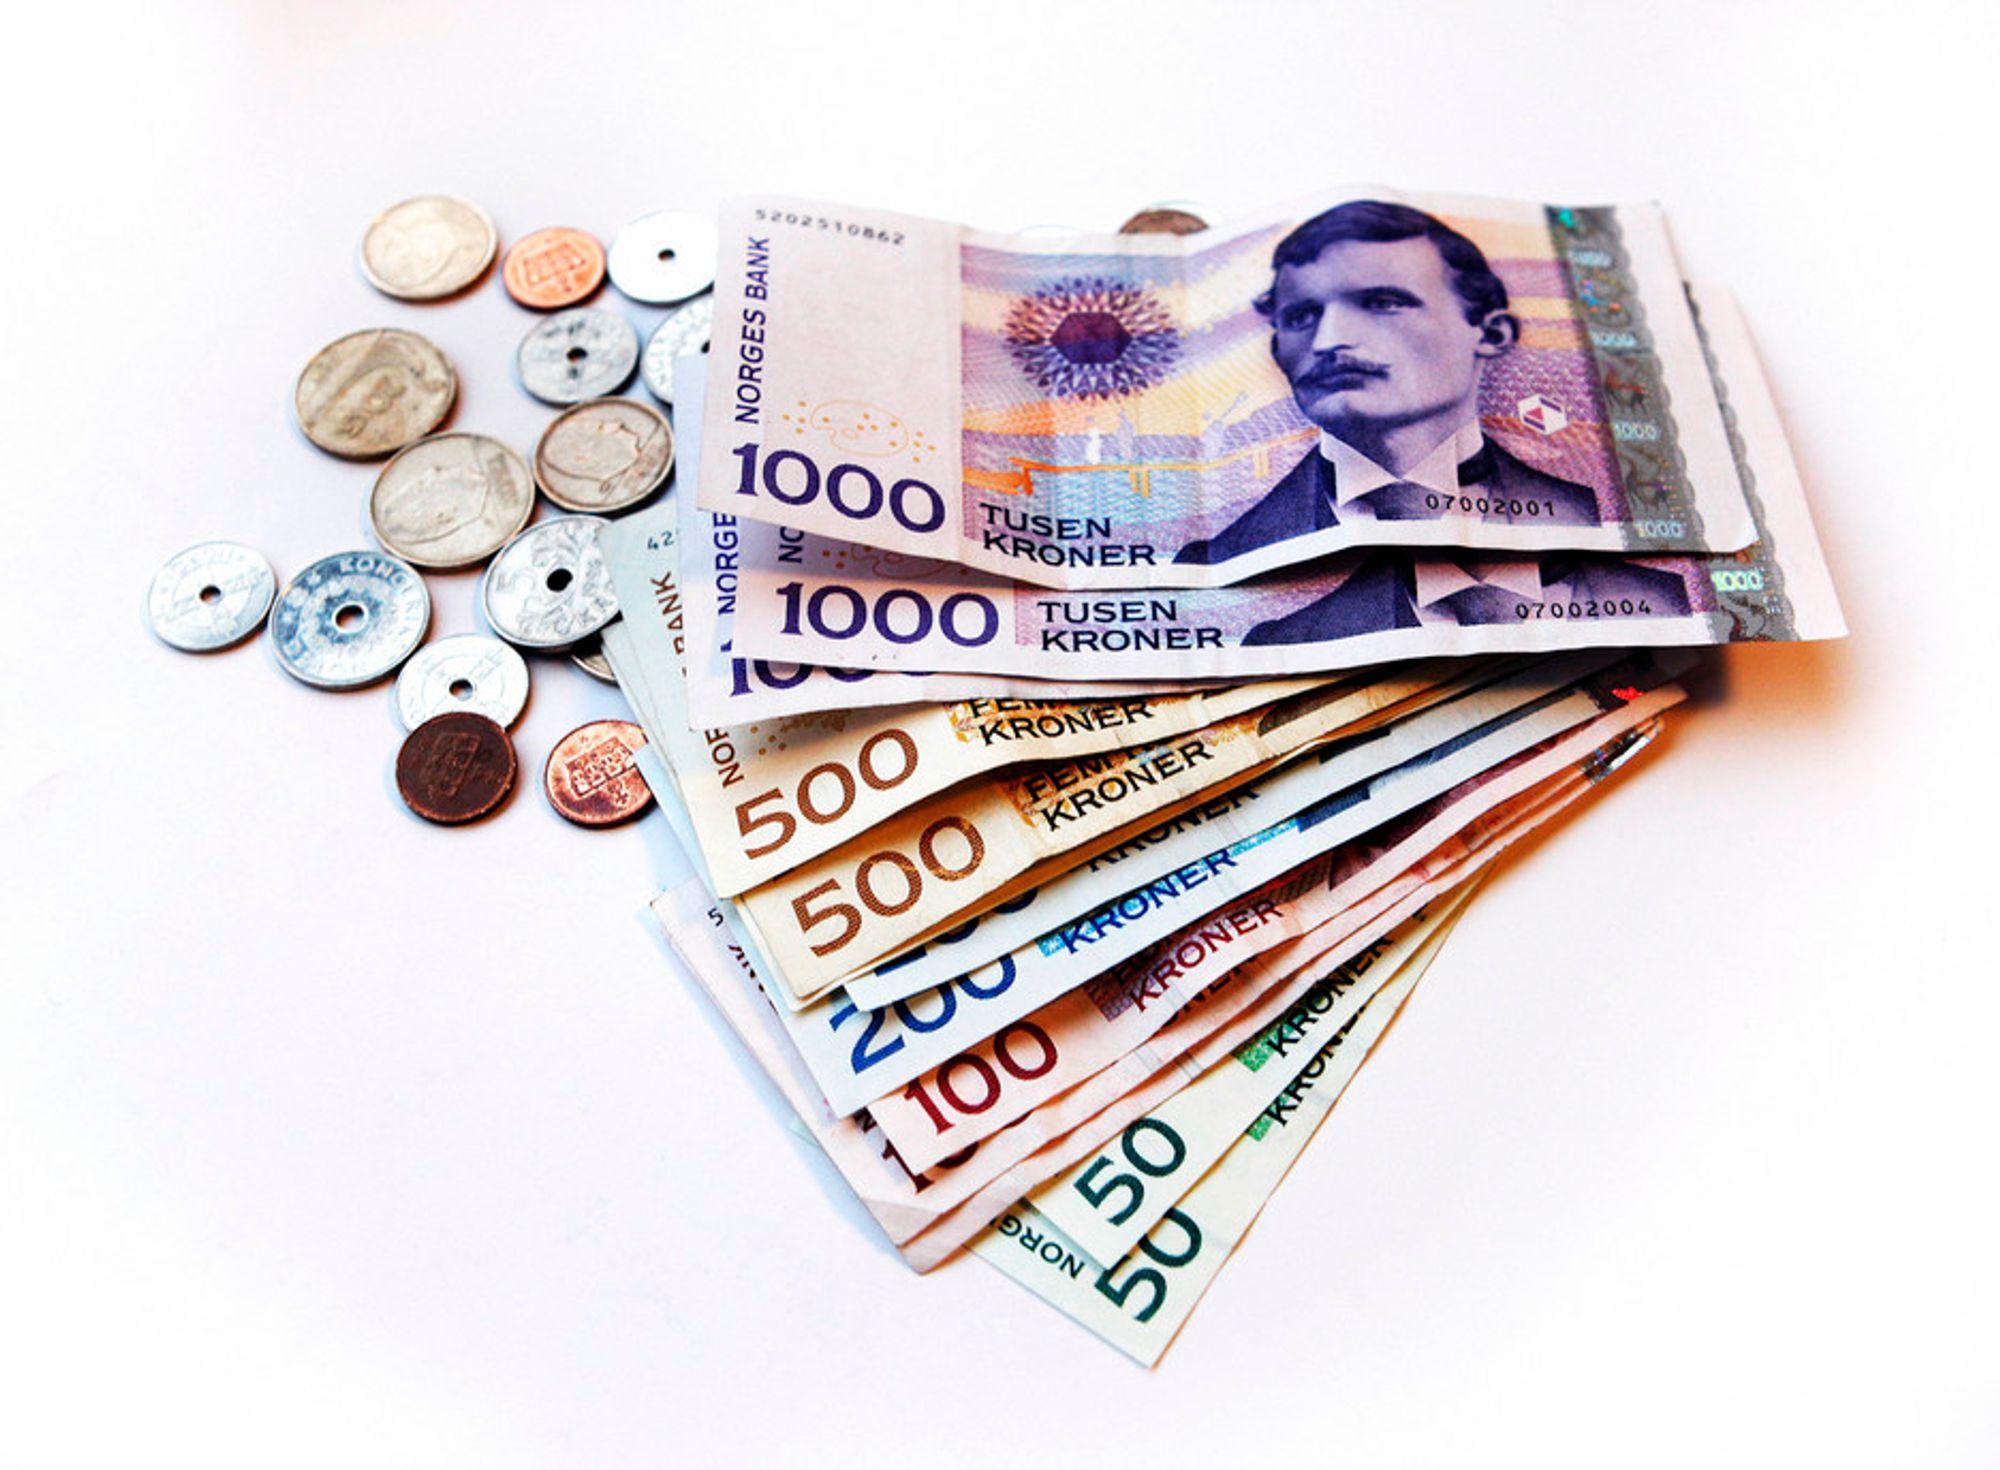 Statens direkte eierskap i olje- og gassvirksomheten på norsk sokkel, SDØE, skaffet en netto kontantstrøm på 128,1 milliarder kroner i 2011.